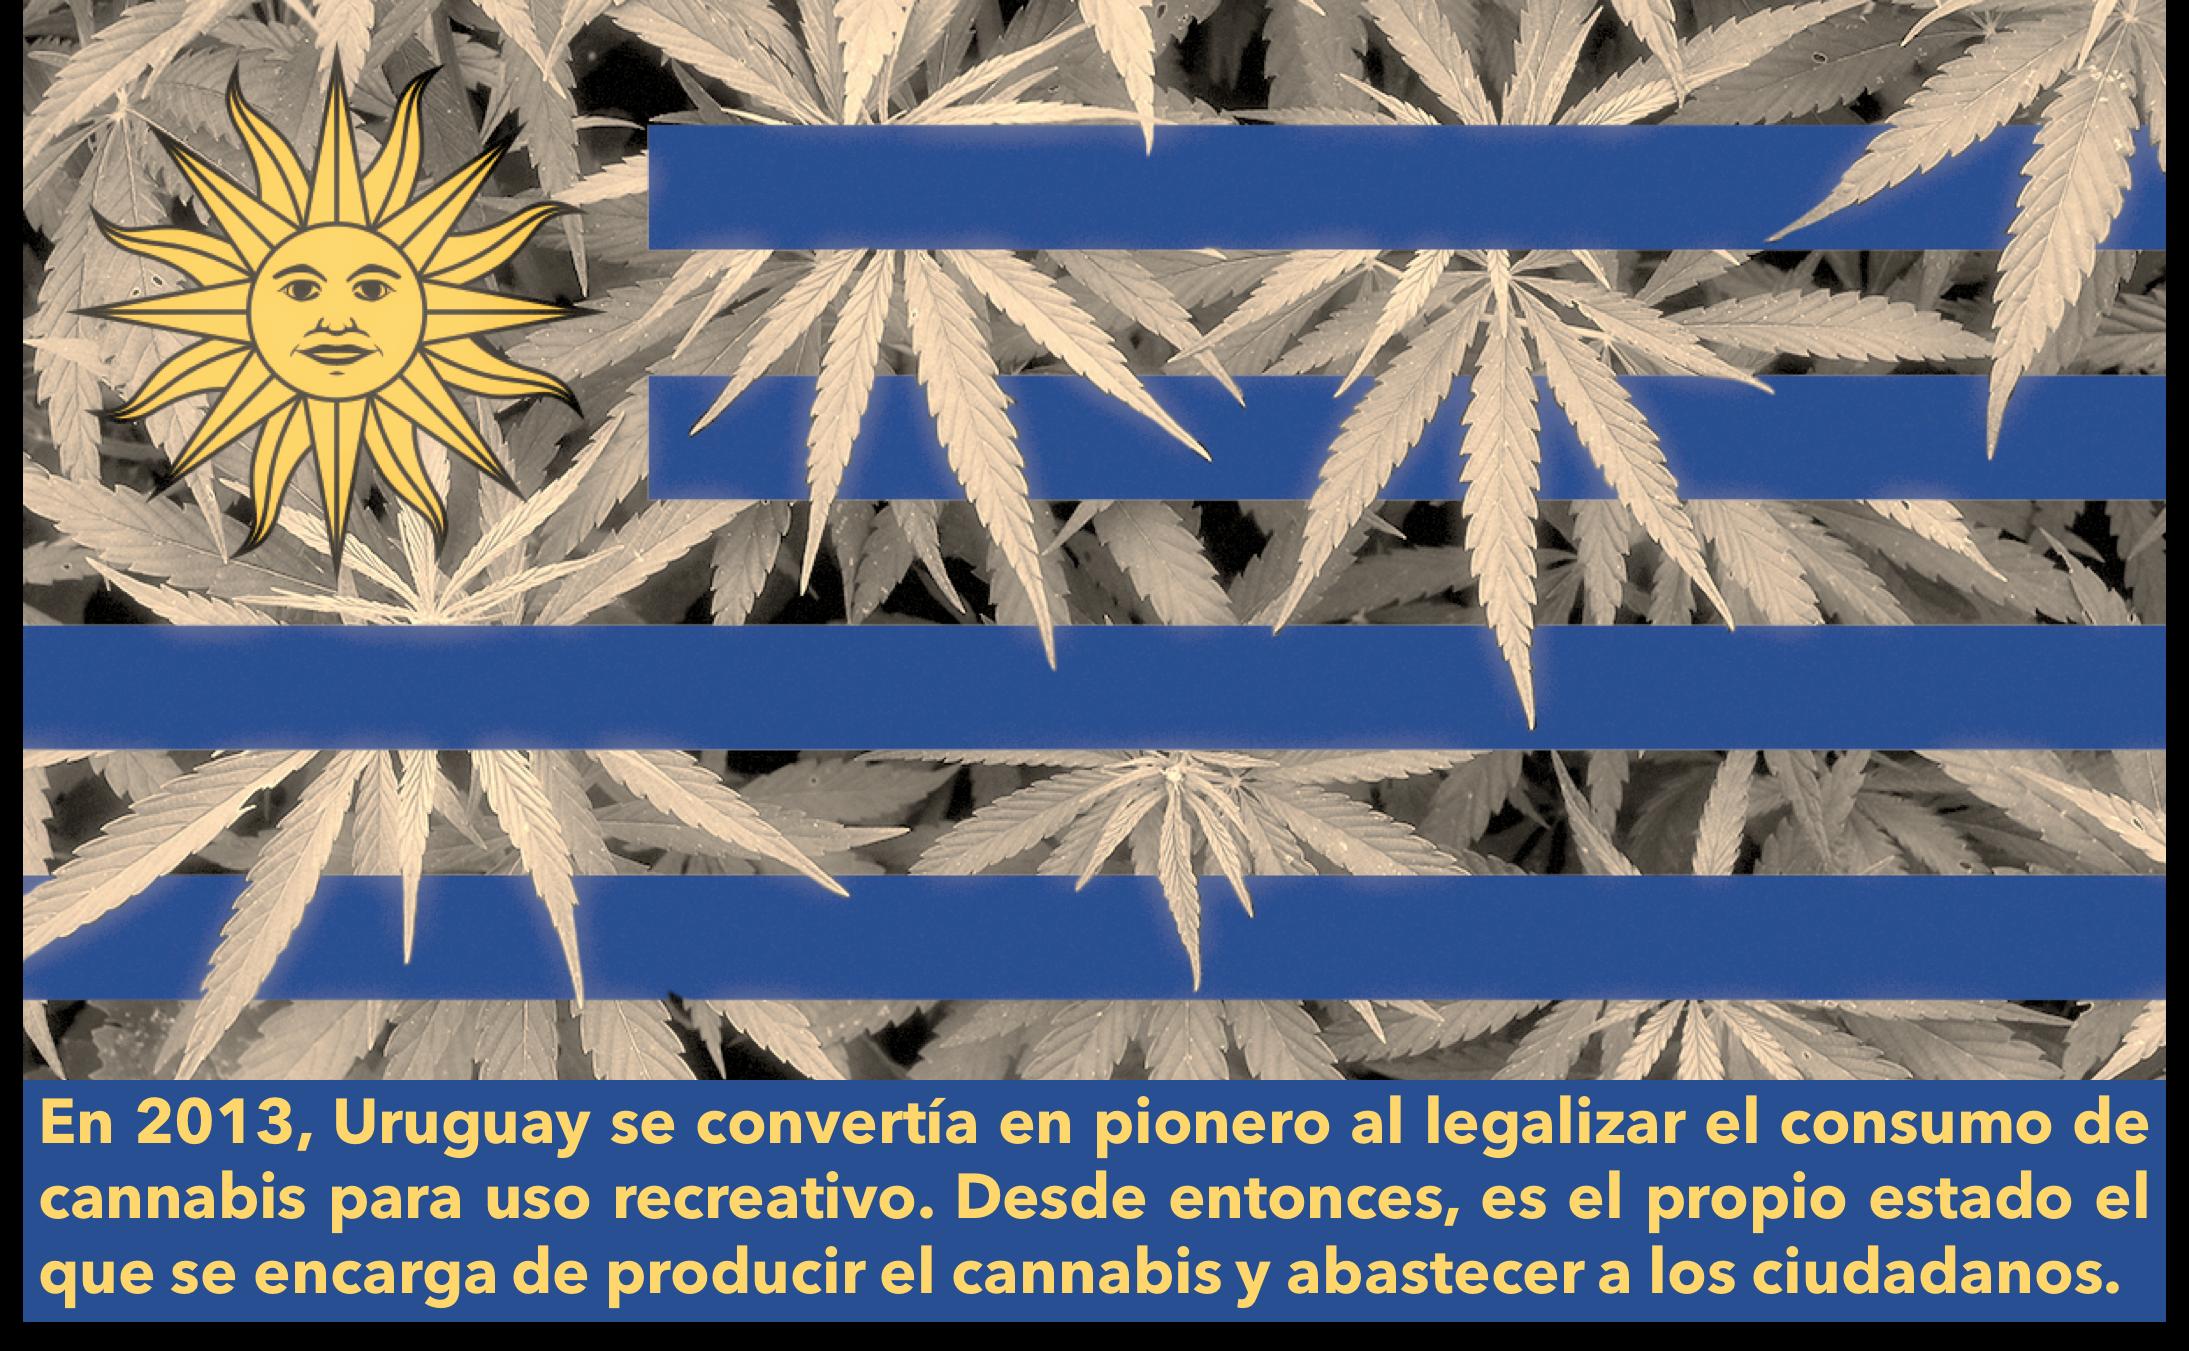 URUGUAY CANNÁBICO